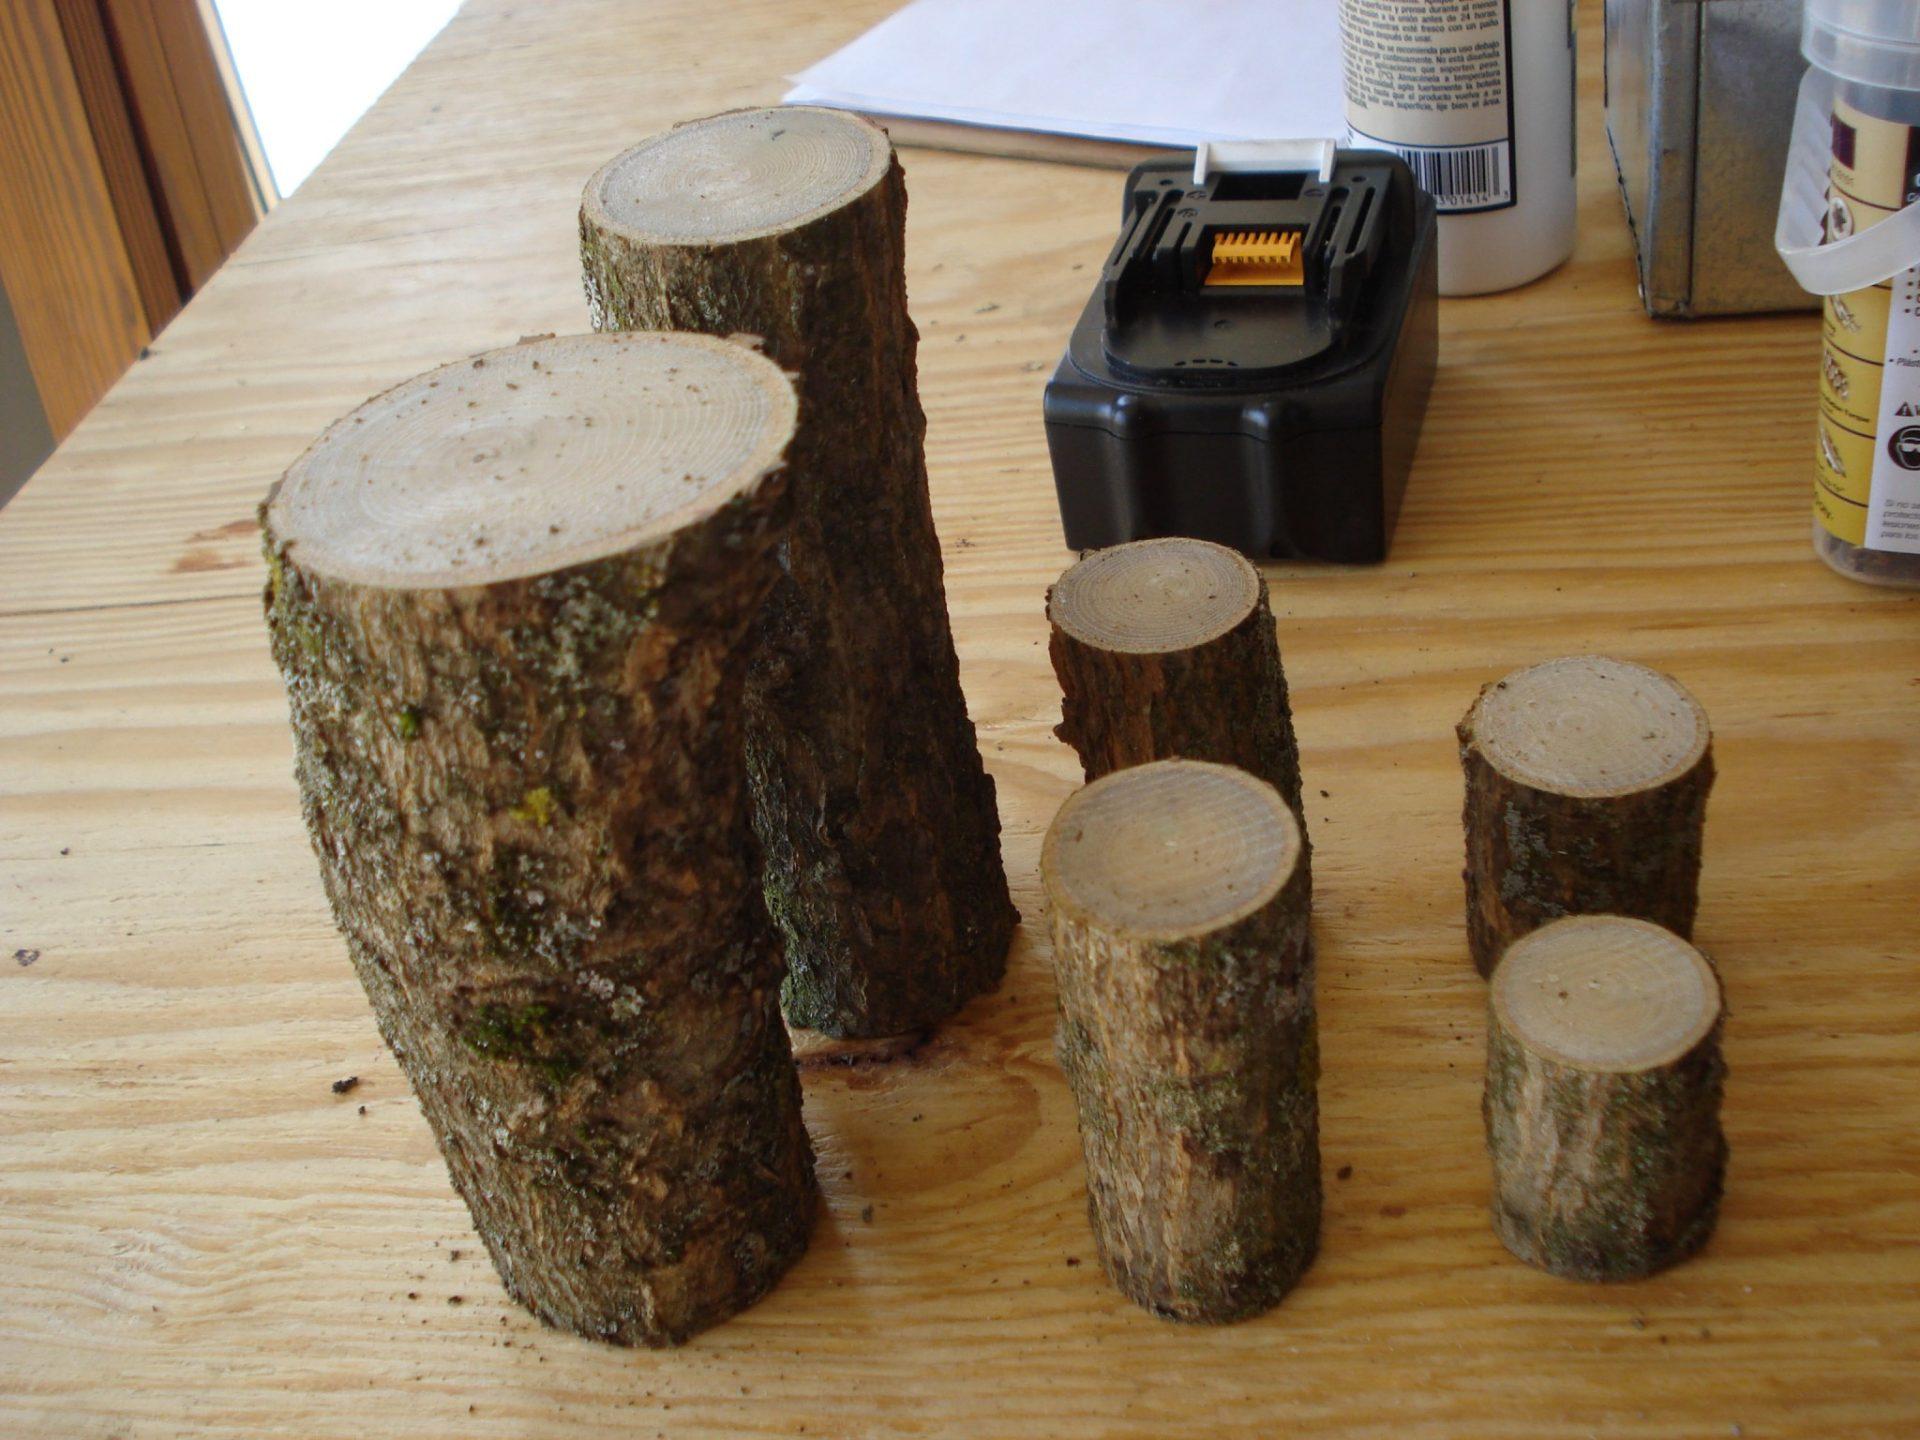 Branch blocks for preschoolers